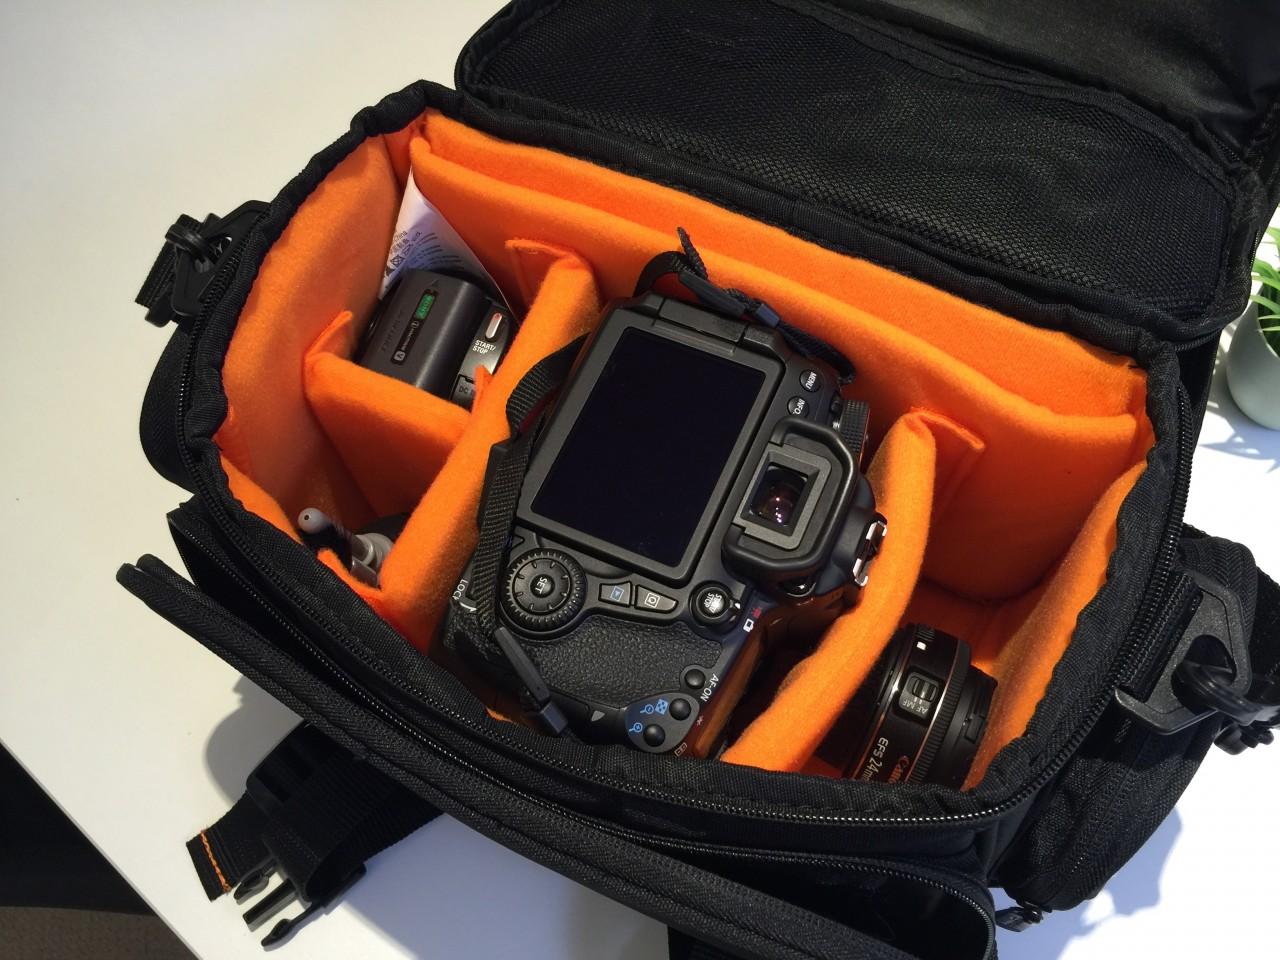 僕のカメラバッグをご紹介!Amazonベーシック ショルダーバッグ 一眼レフ用 Lサイズ ブラック(内装色オレンジ)